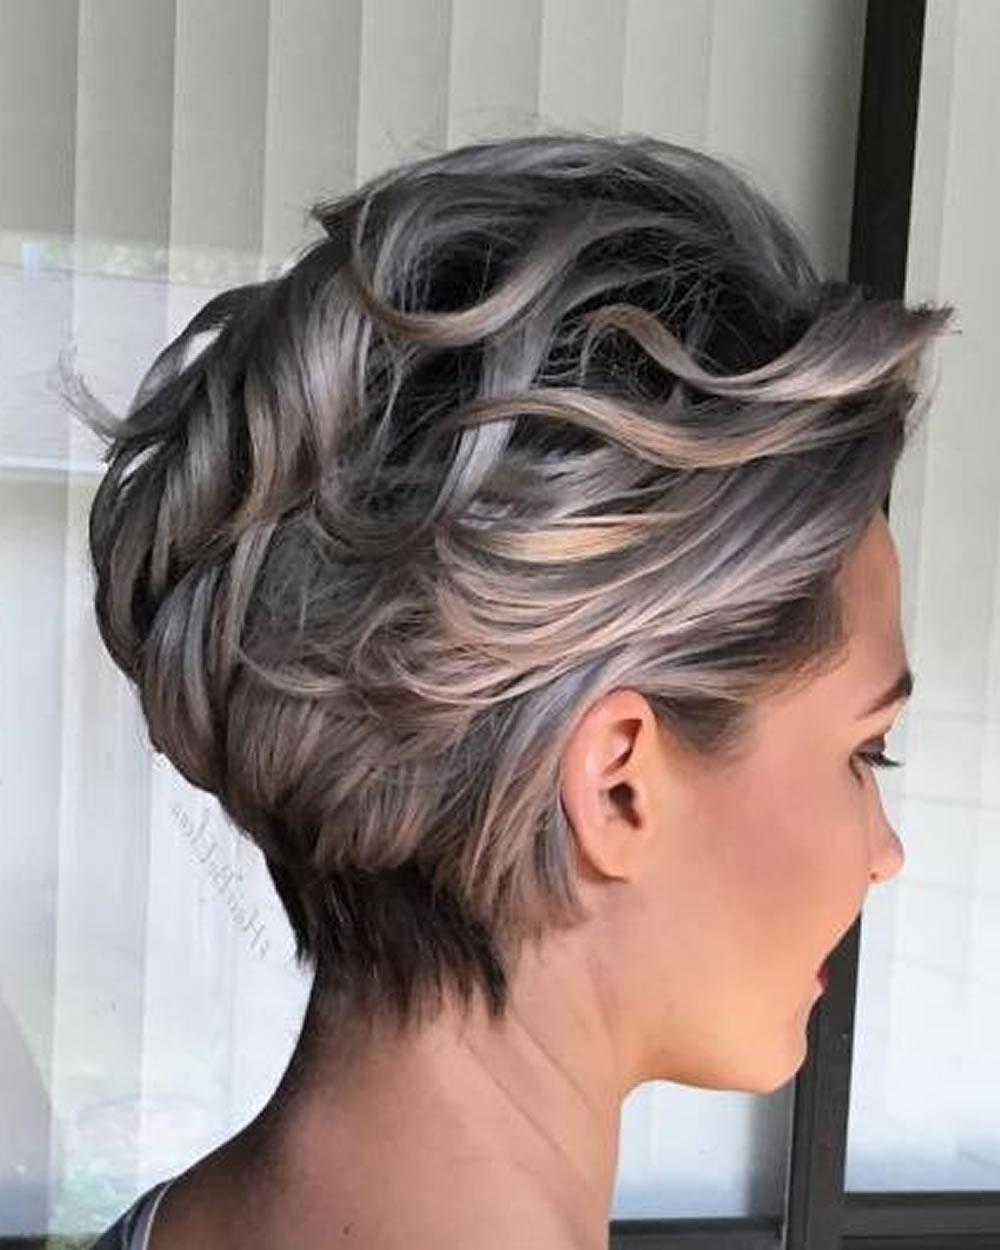 Balayage Short Hairstyles & Short Haircuts & Balayage Hair Colors With Regard To Short Hairstyles With Balayage (View 8 of 25)